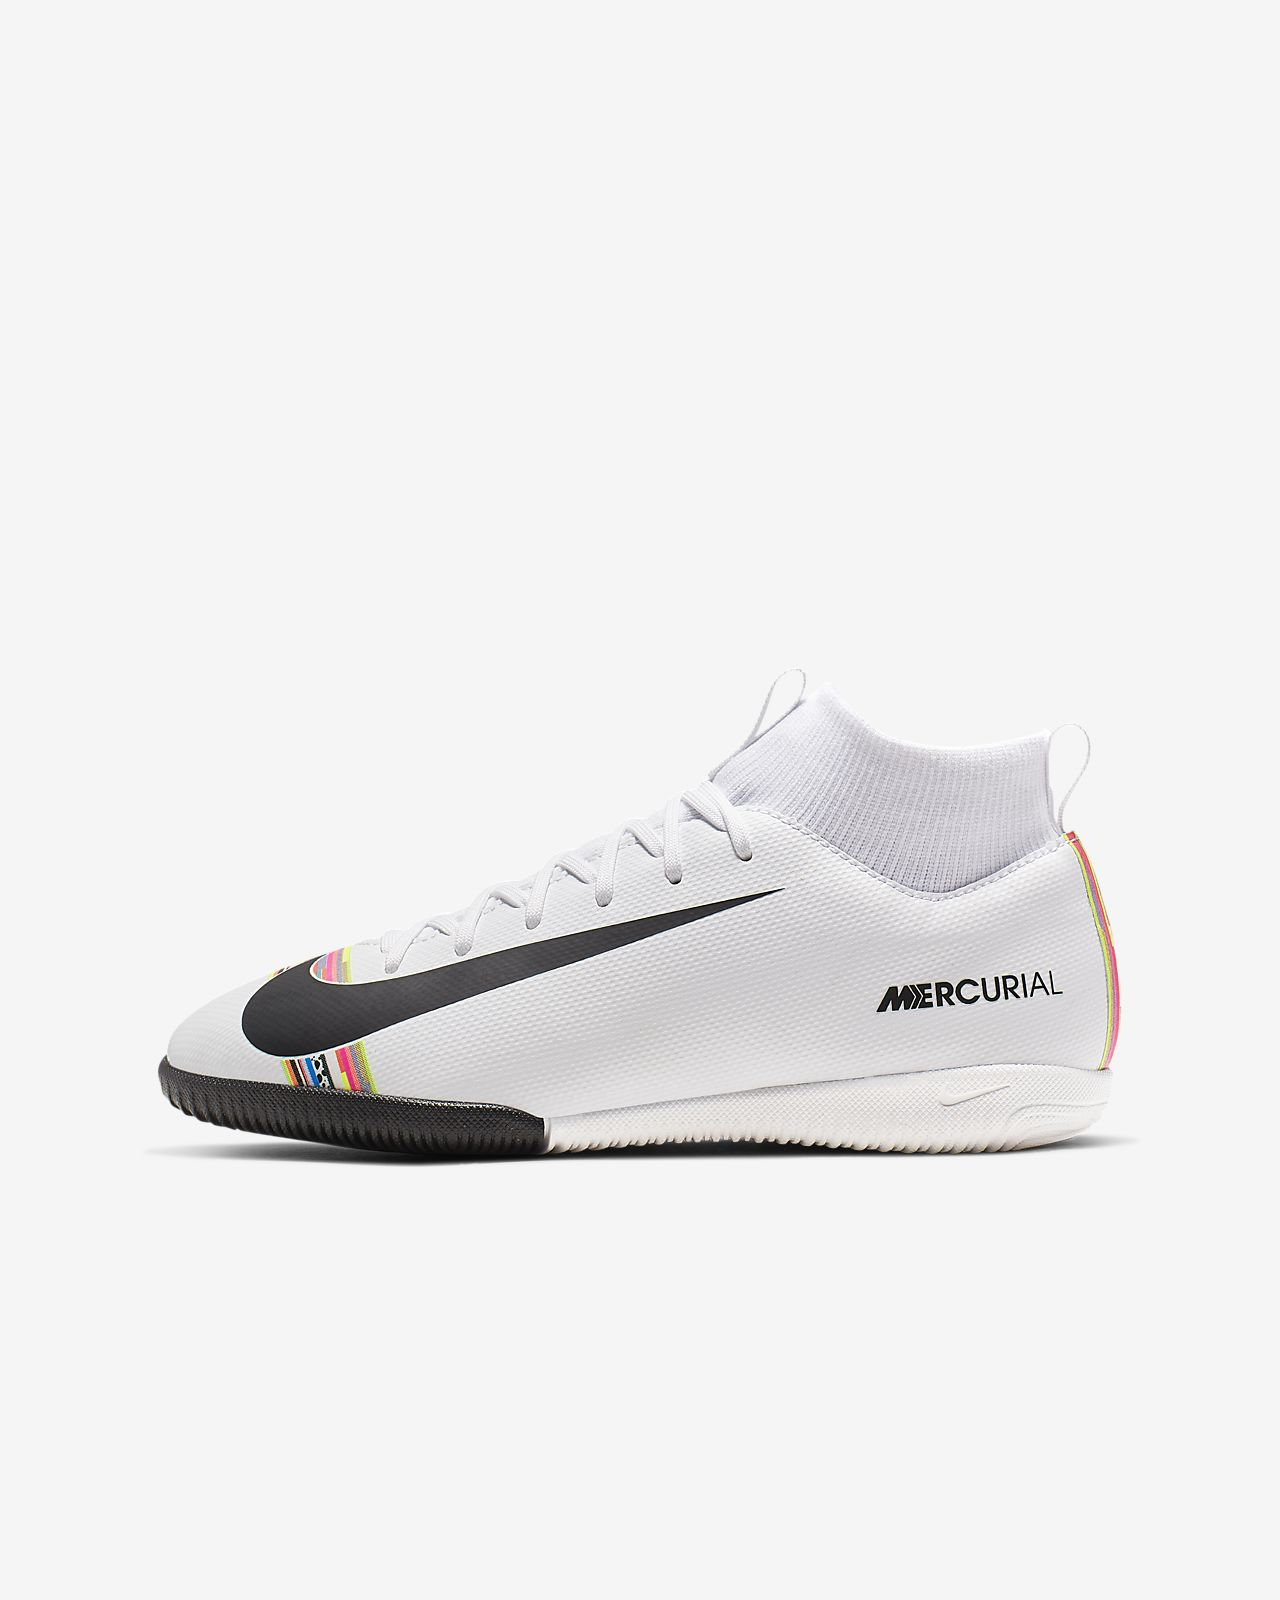 Up En Football JrSuperflyx Lvl Chaussure De Academy Nike Pour 6 Âgé Enfantenfant Salle Jeune Ic Plus IWE2HD9